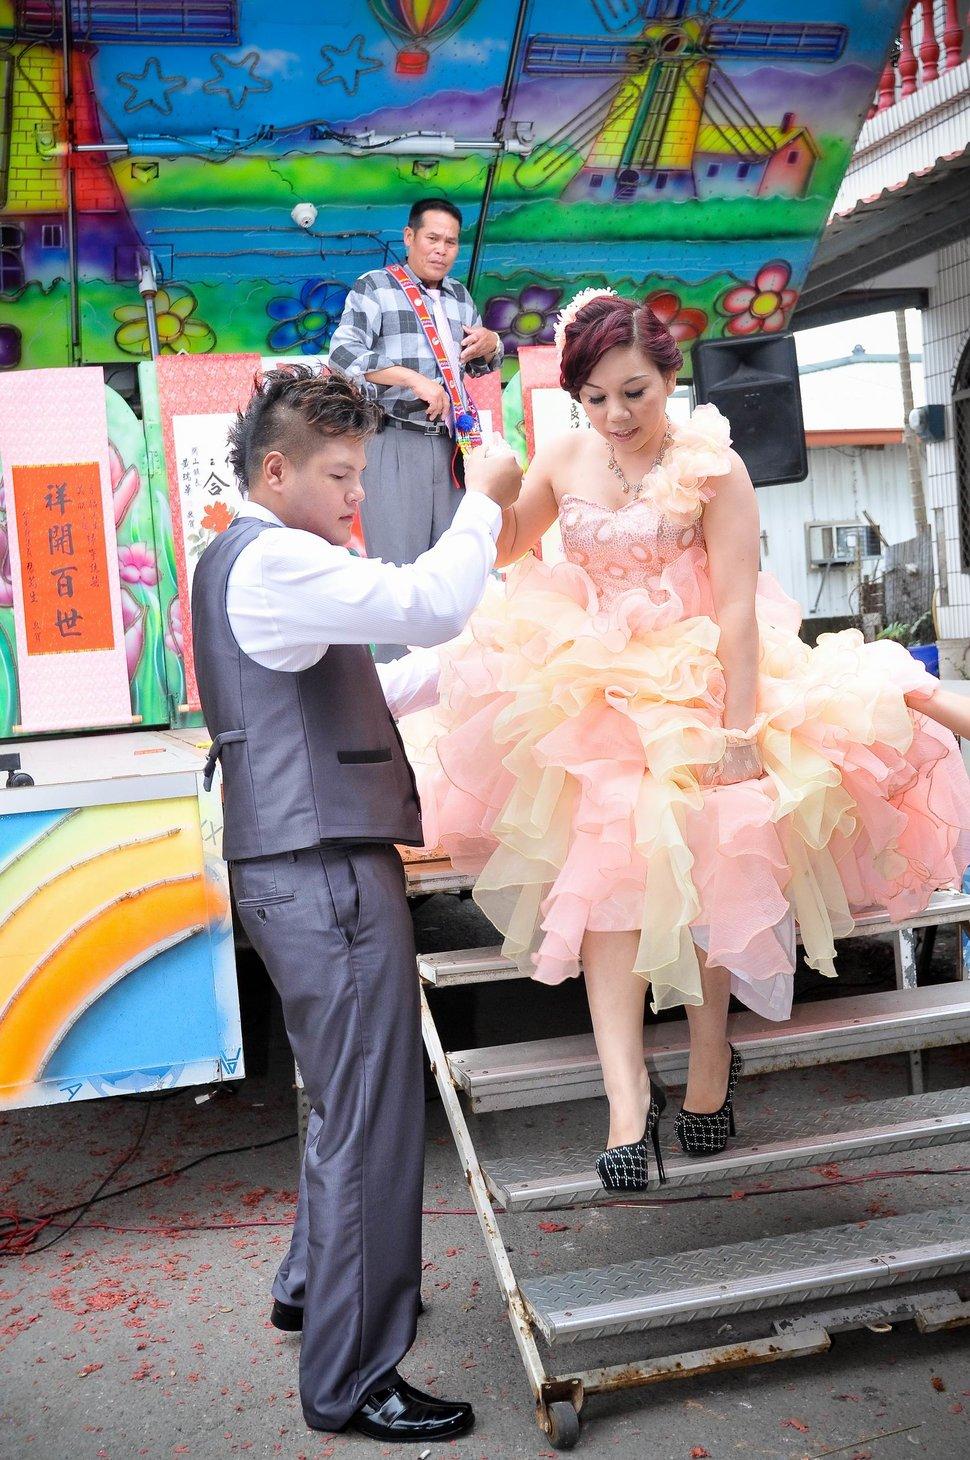 台東自宅阿美族婚禮紀錄結婚迎娶婚禮記錄動態微電影錄影專業錄影平面攝影婚紗攝攝影婚禮主持人(編號:159984) - 蜜月拍照10800錄影12800攝影團隊 - 結婚吧